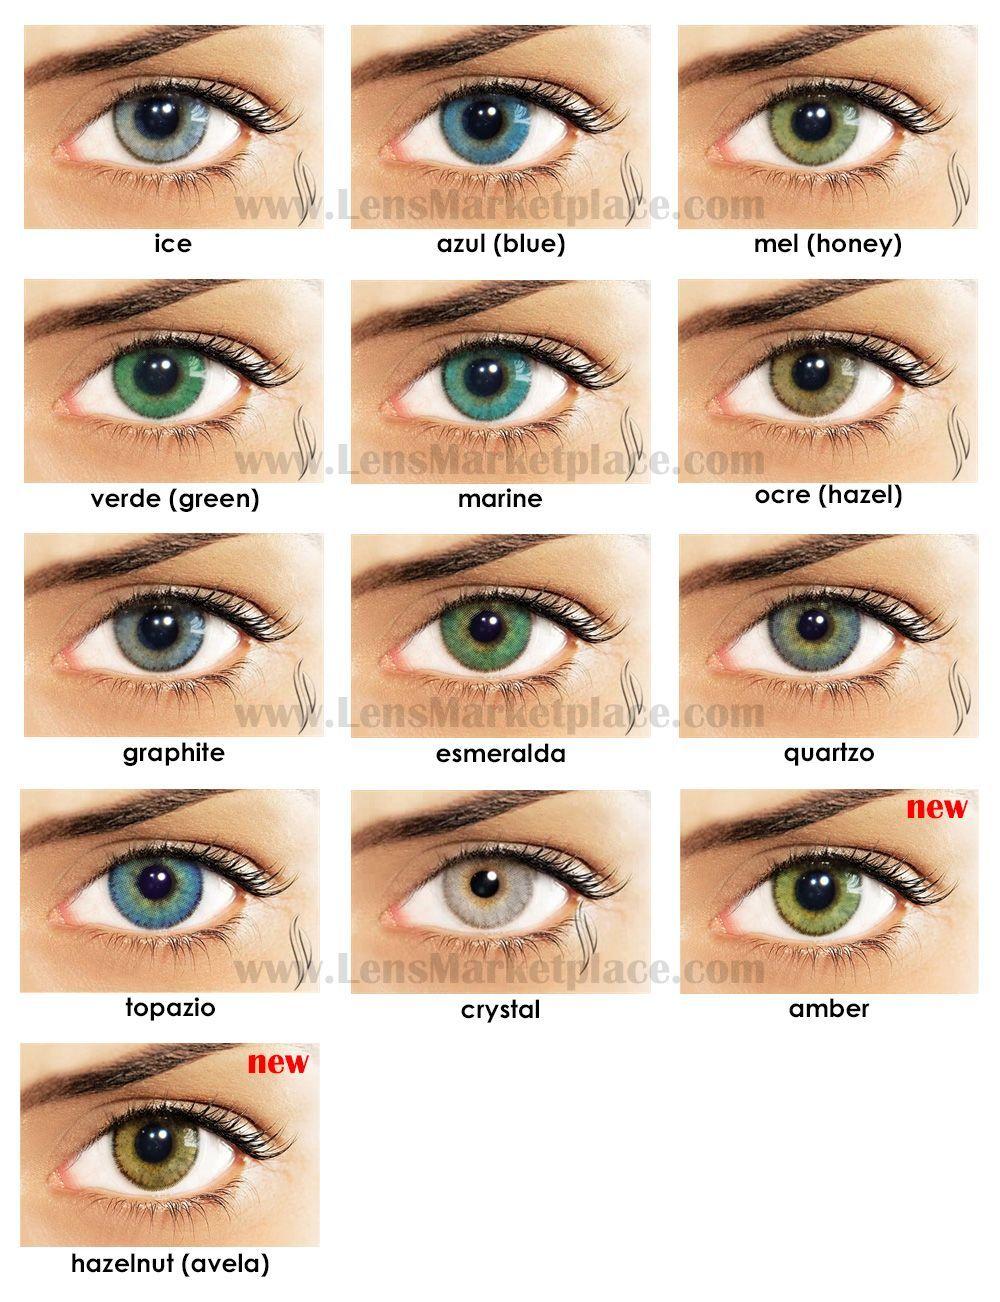 82a10141b07f9 Solotica Natural Colors Color Contact Lenses